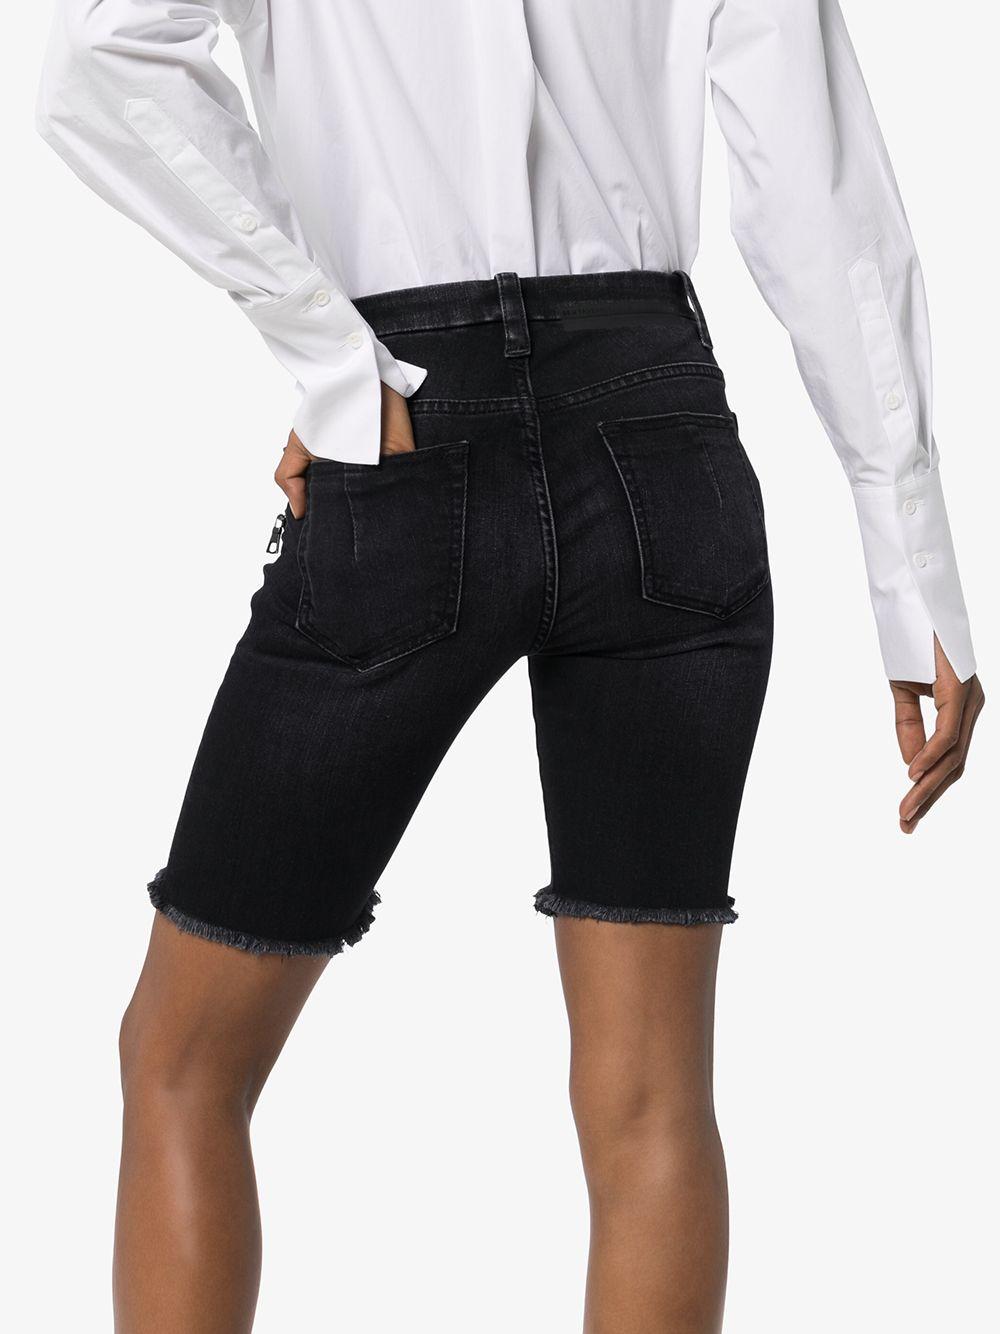 UNRAVEL PROJECT Shorts UNRAVEL PROJECT | Shorts | UWYC013R20DEN0021000